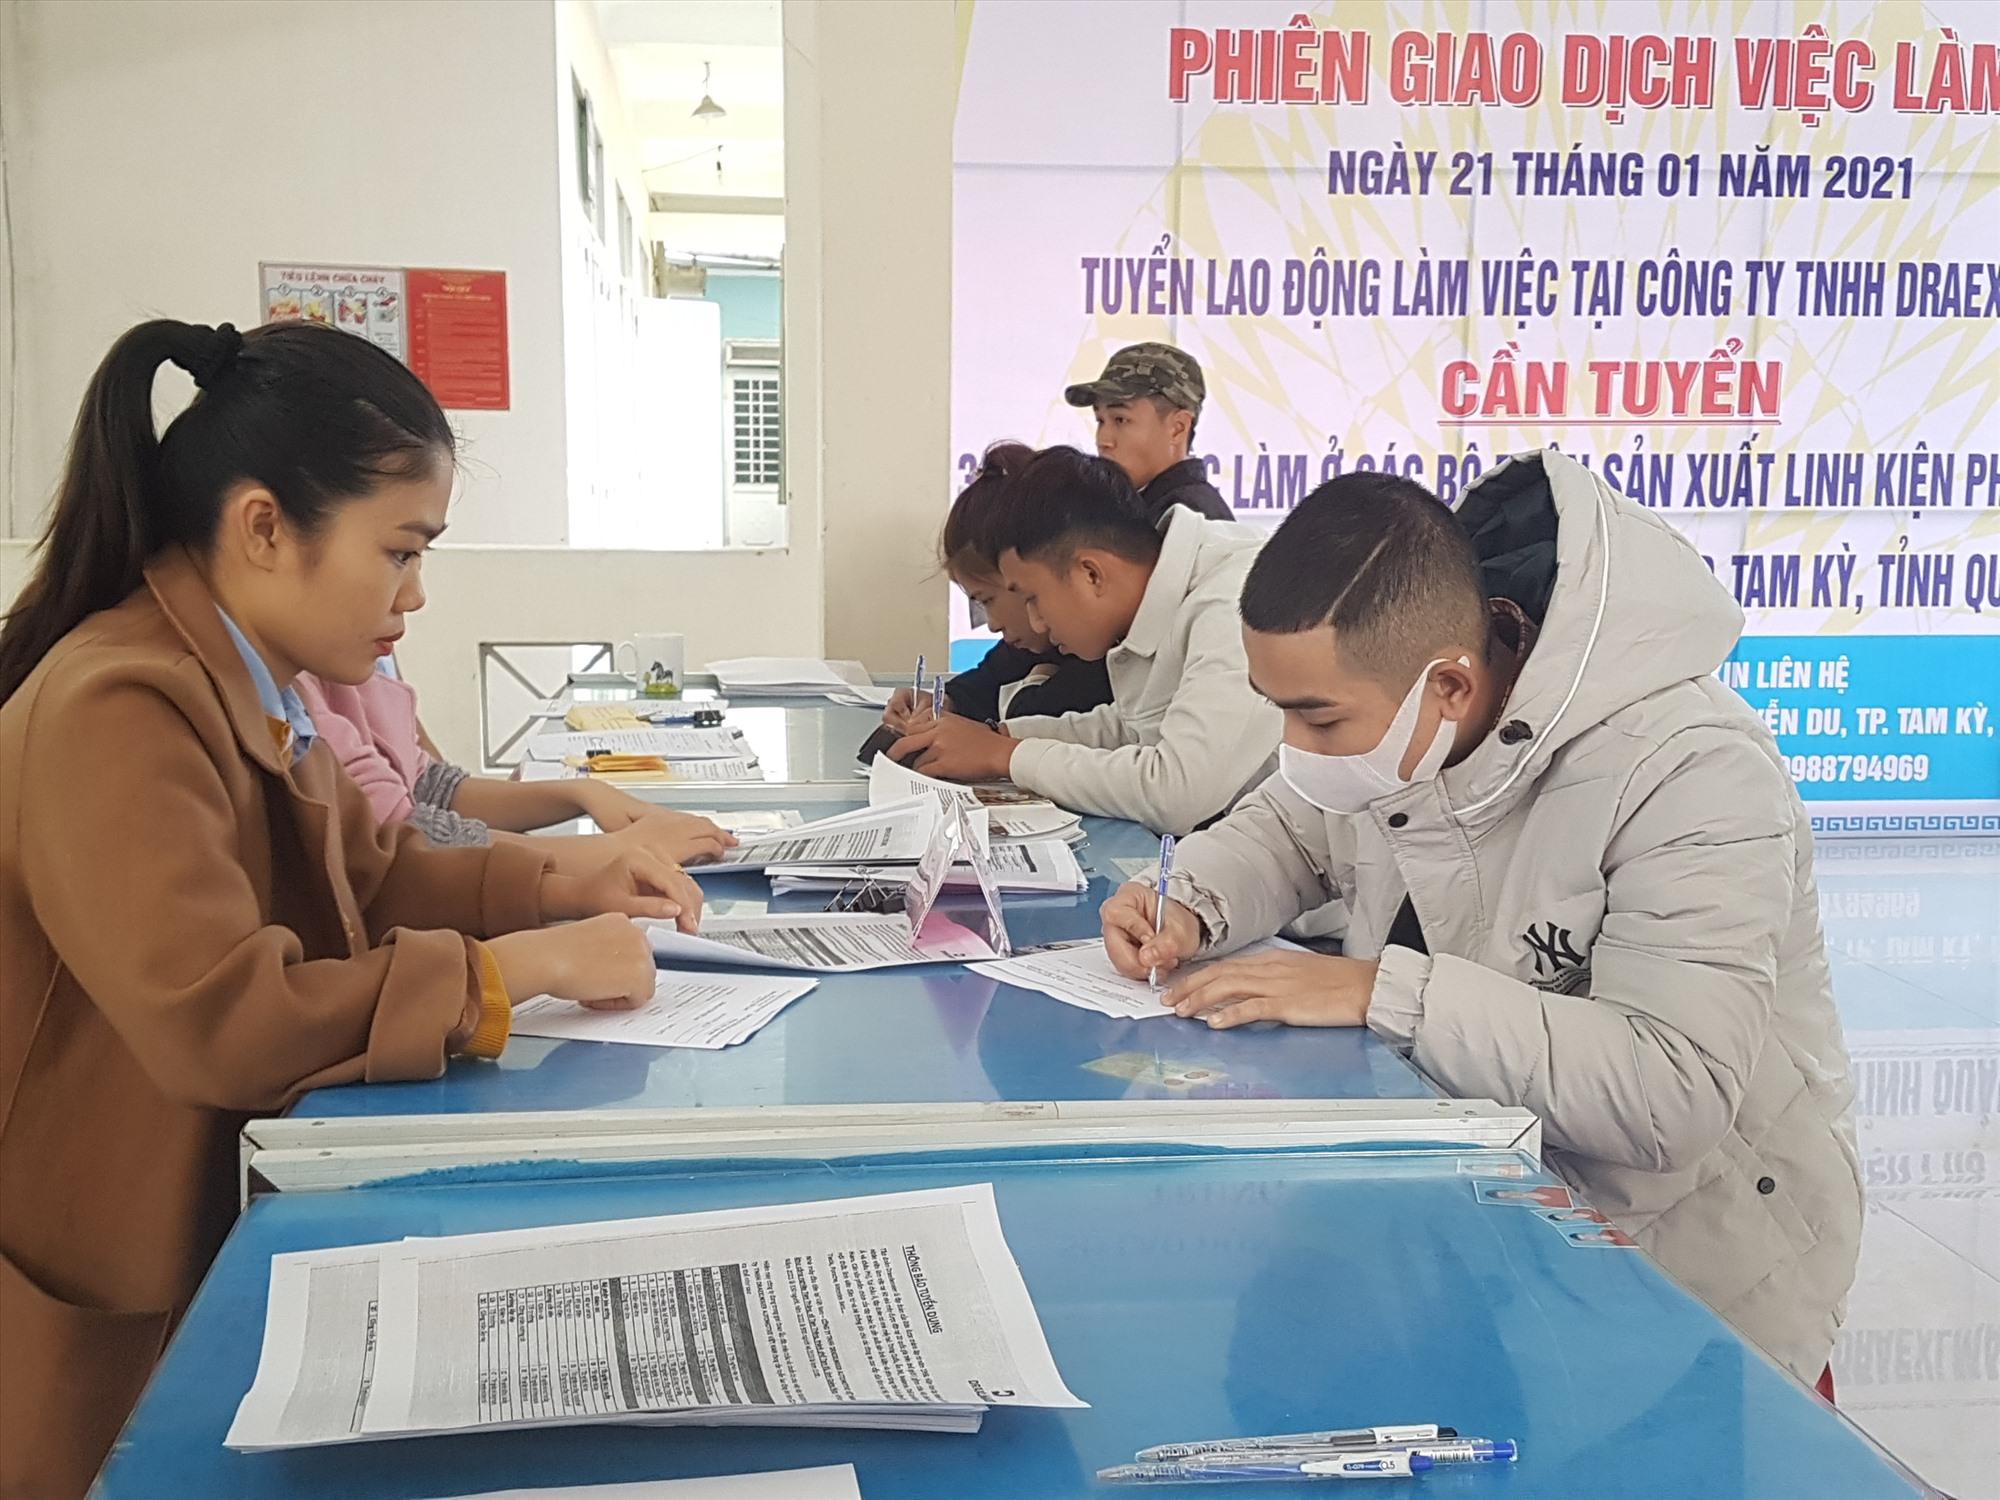 Công ty TNHH Draexlmaier Automotive Việt Nam tuyển dụng lao động trong phiên giao dịch việc làm chuyên đề đầu năm 2021. Ảnh: D.L